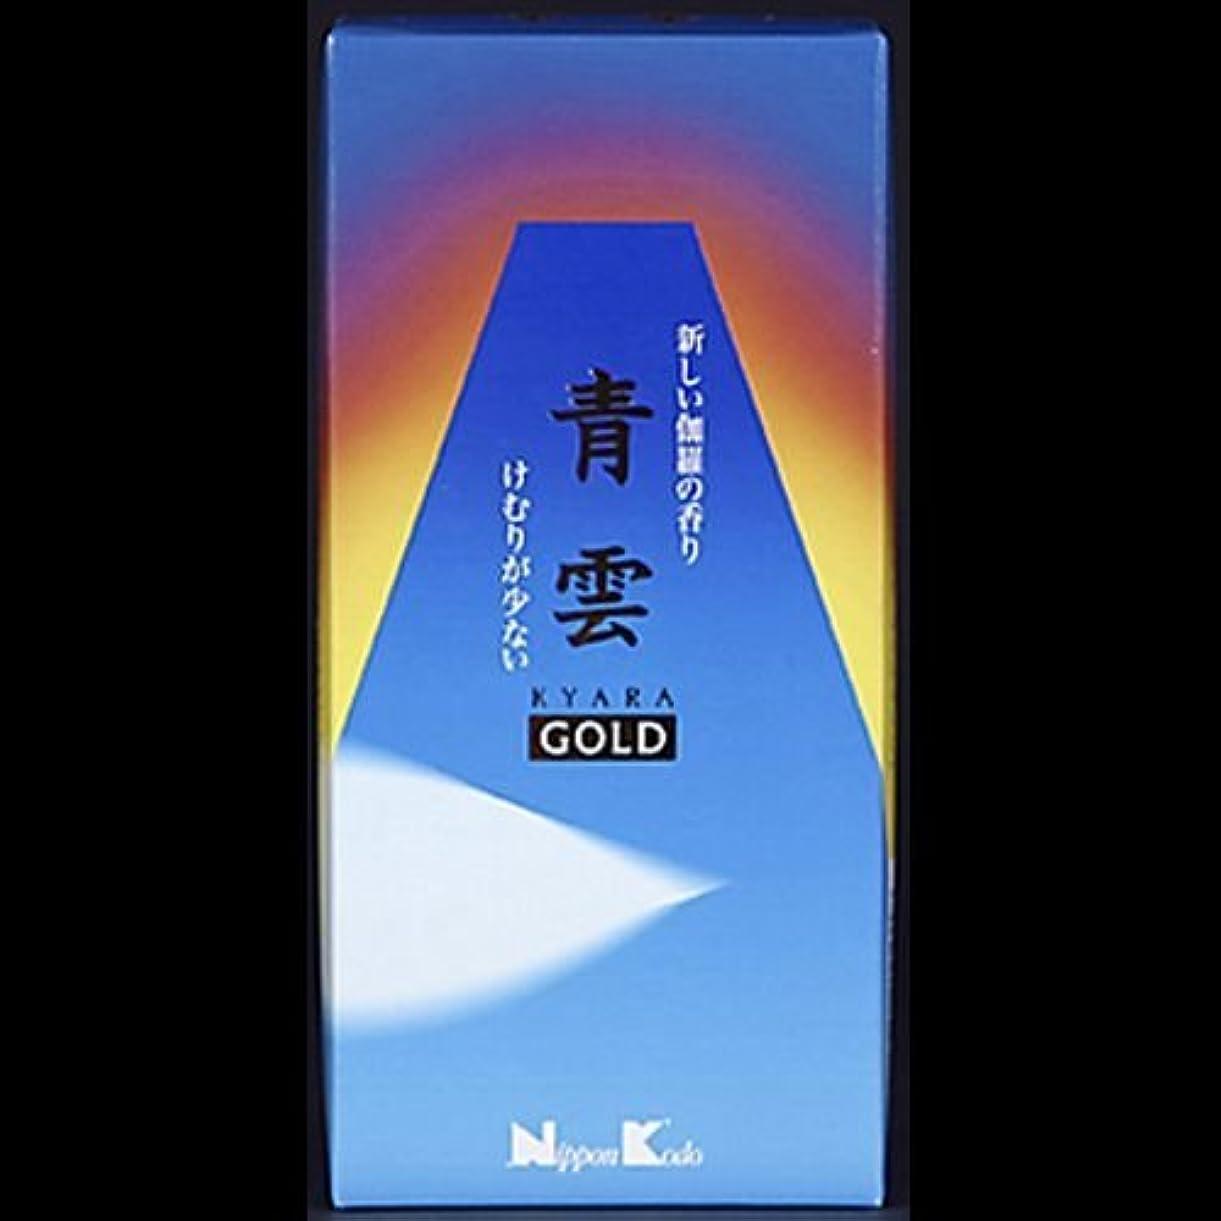 シルク高さフィドル【まとめ買い】青雲ゴールドバラ詰め ×2セット